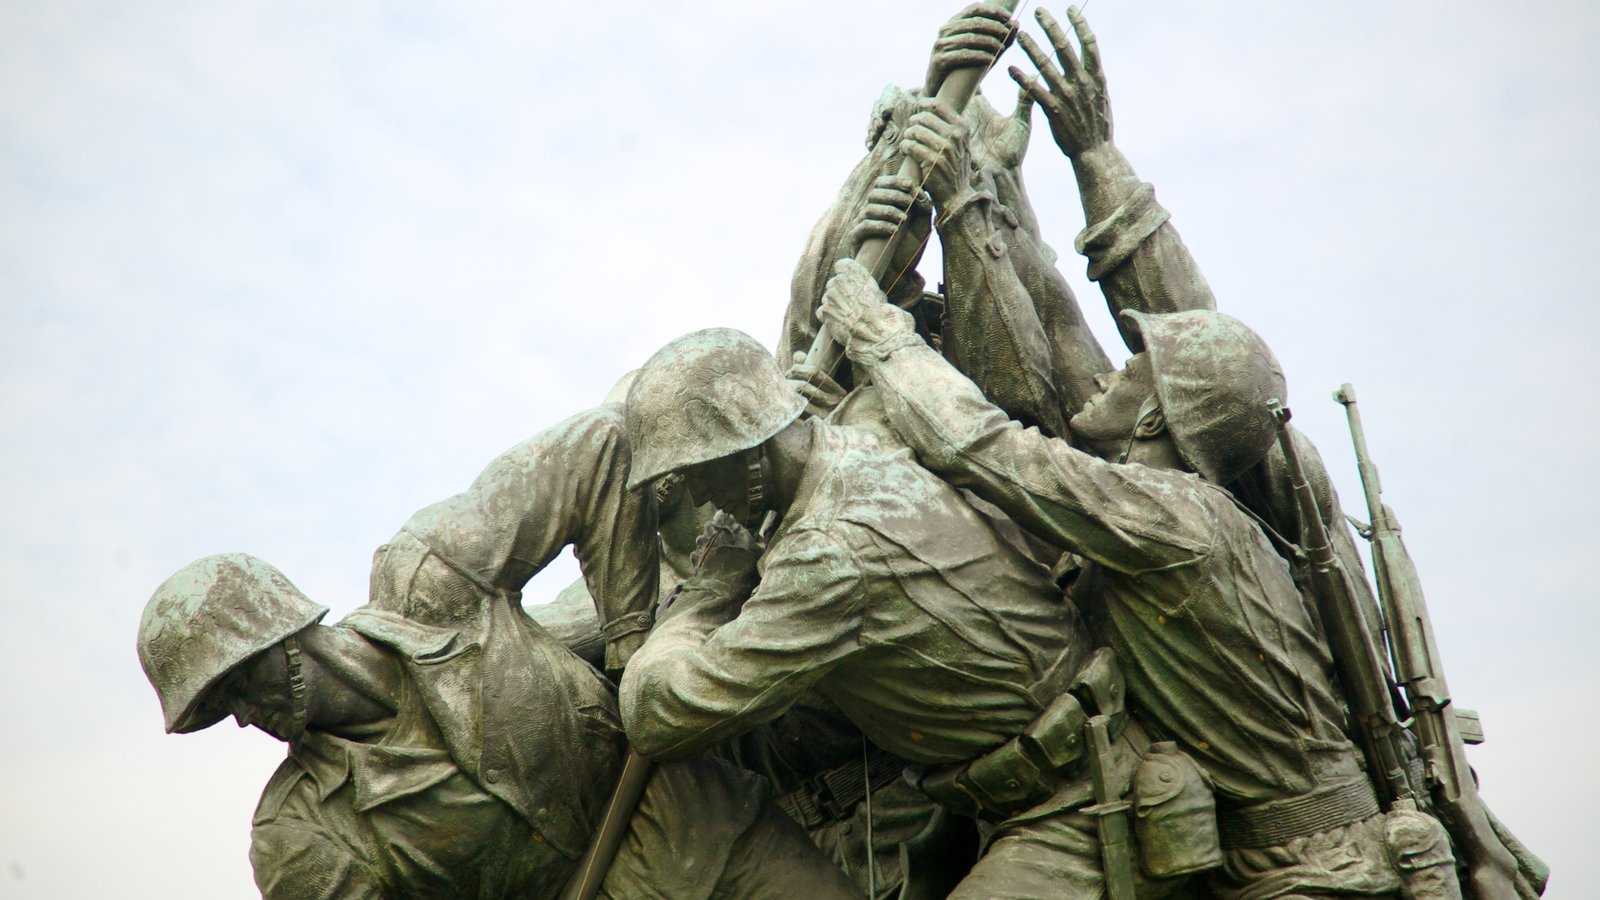 united states marine corps and marine Ouvert du lundi au mercredi de 7h à 16h, du jeudi au samedi de 7h à 22h,  dimanche de 7h à 16h léger, brillant, aéré ce sont les mots utilisés par andy  smith.